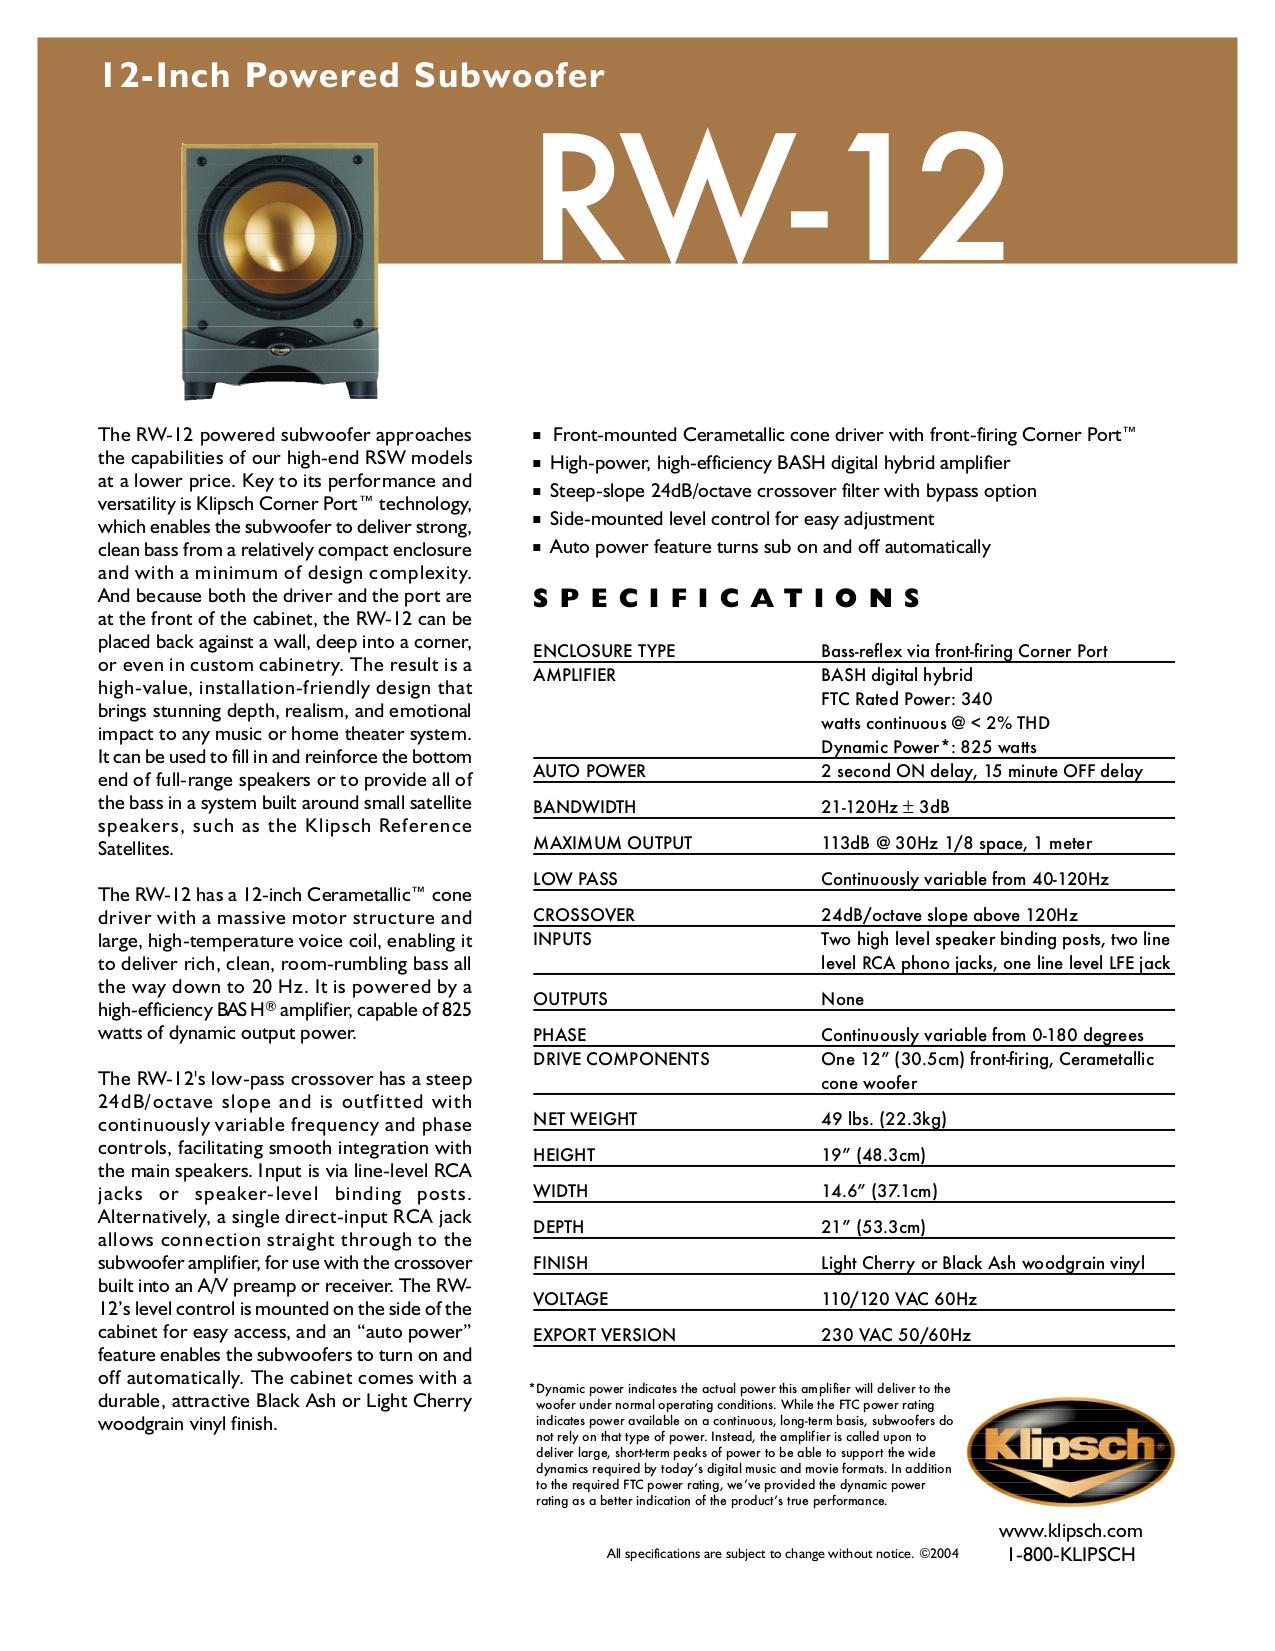 pdf for Klipsch Subwoofer RSW-12 manual